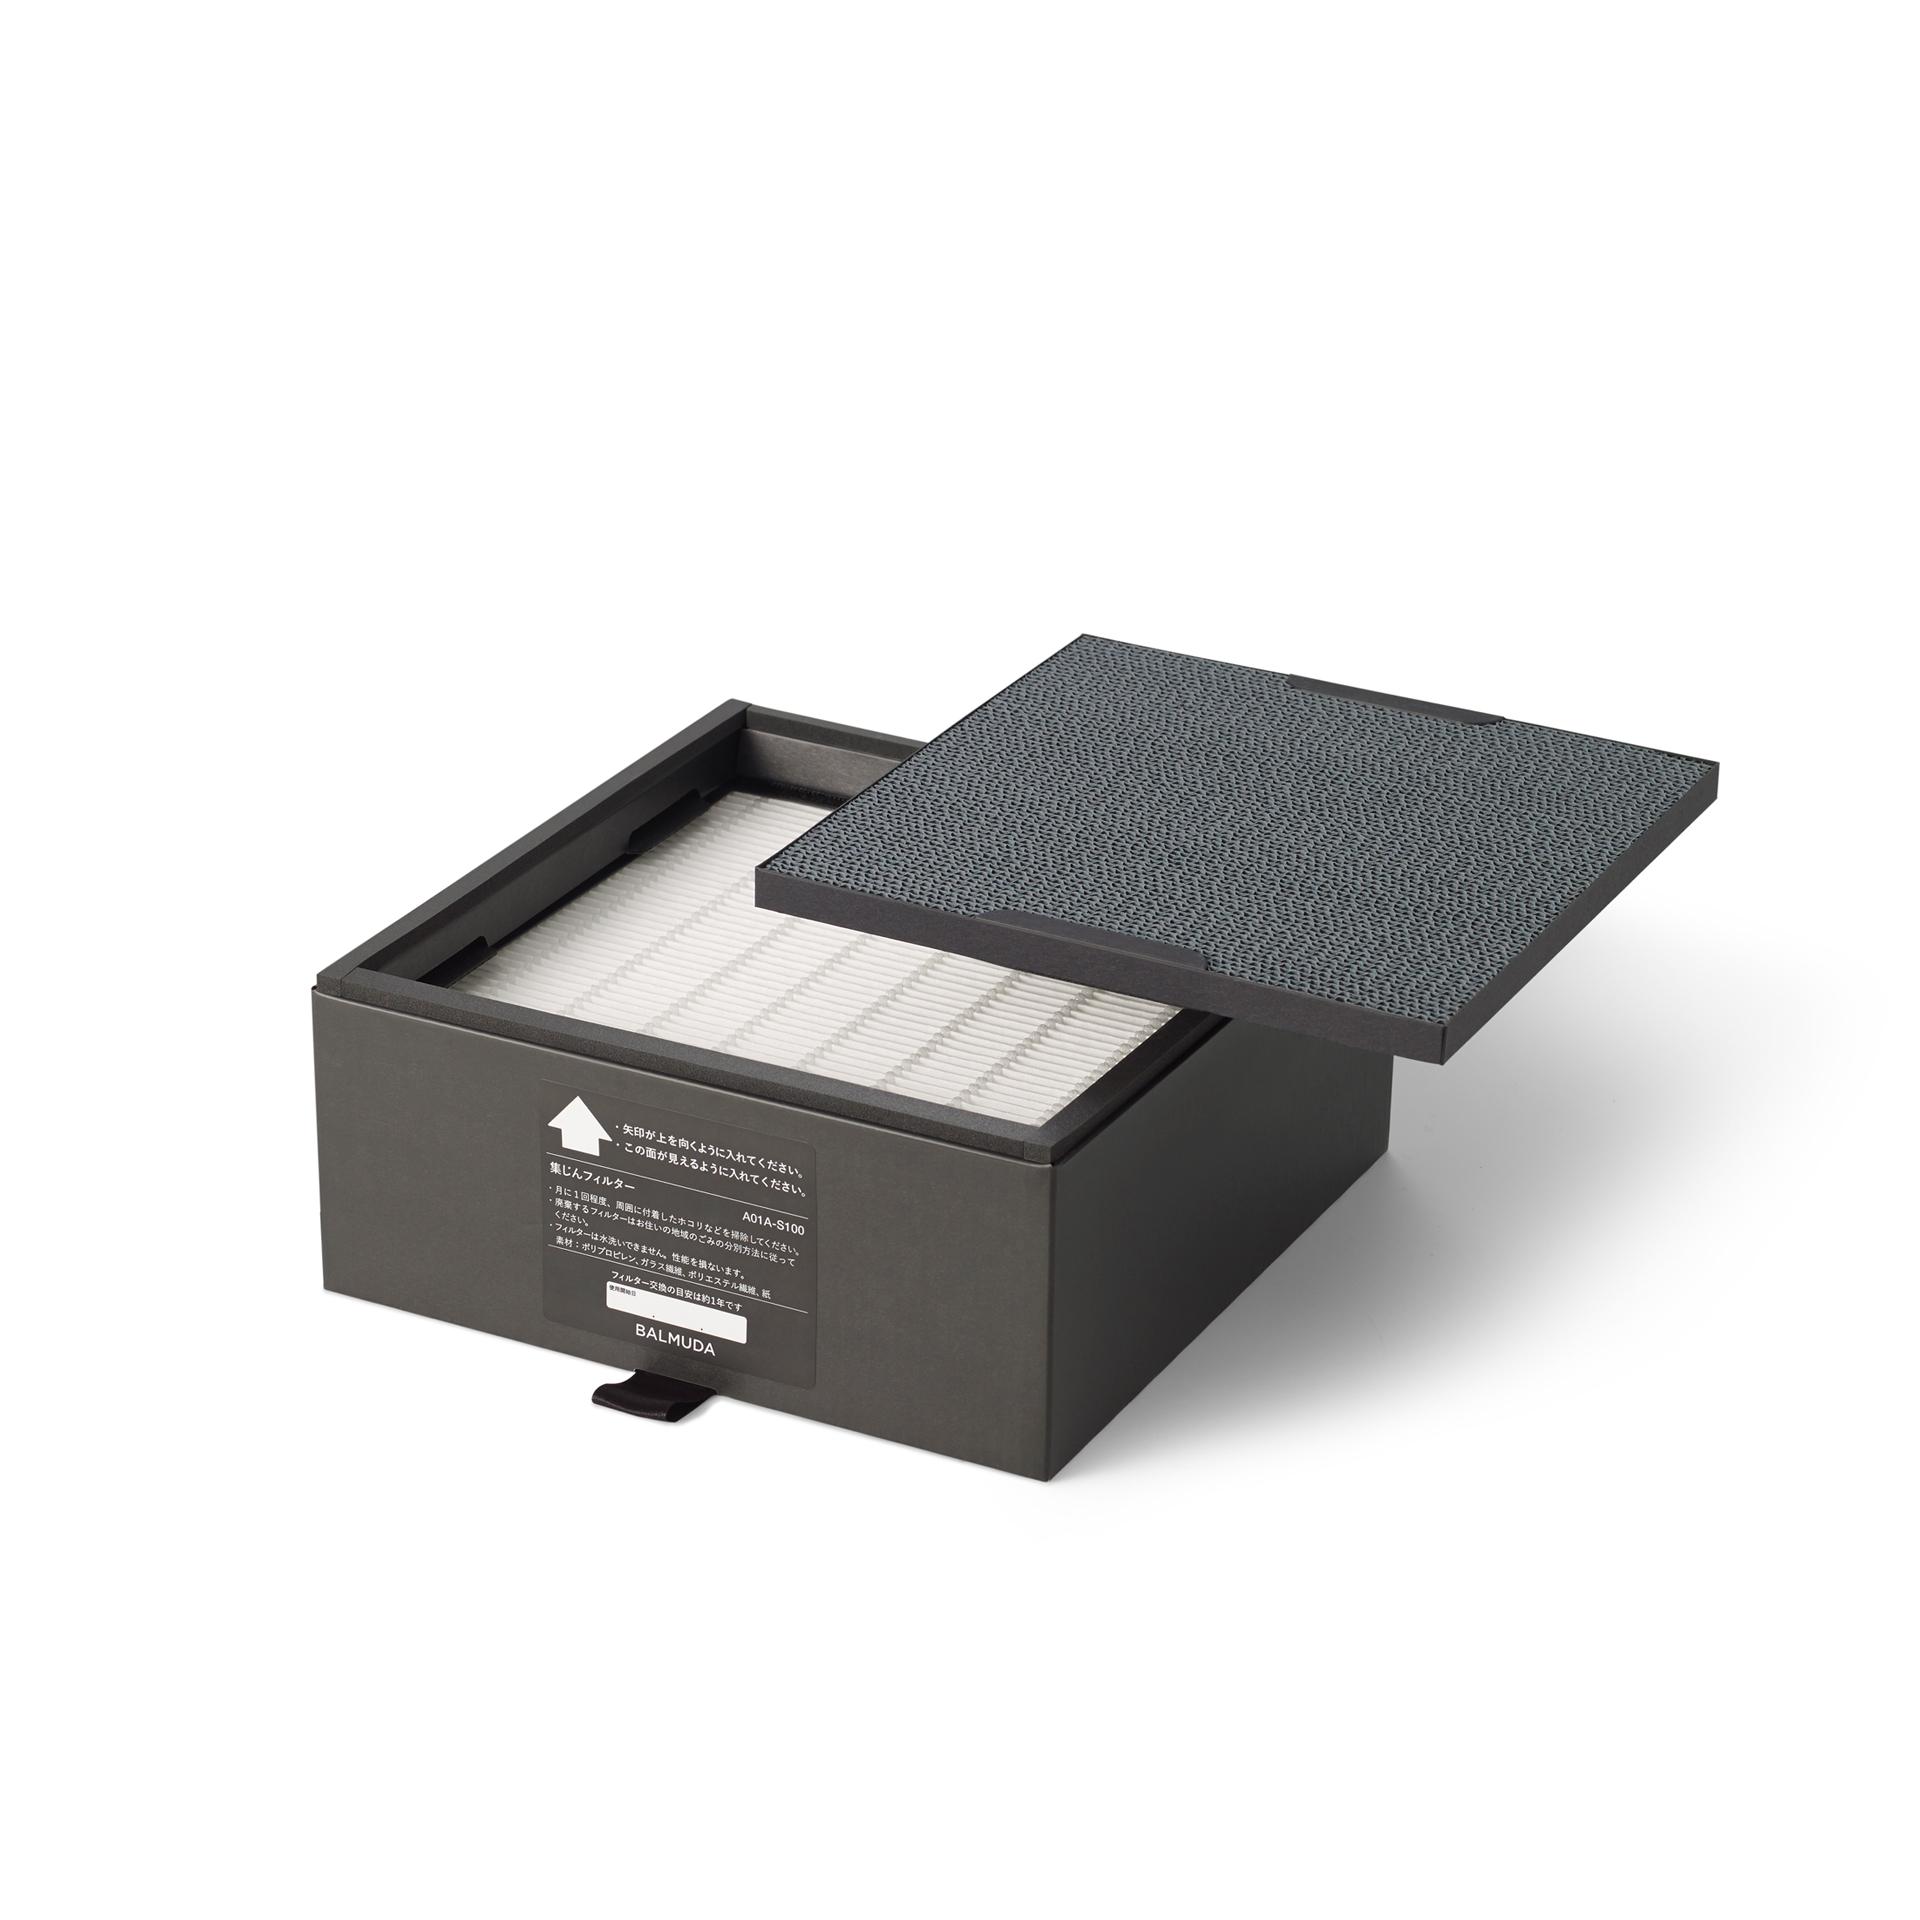 【送10倍點數】BALMUDA The Pure Filter Set 集塵・除臭濾網組 A01A-P100